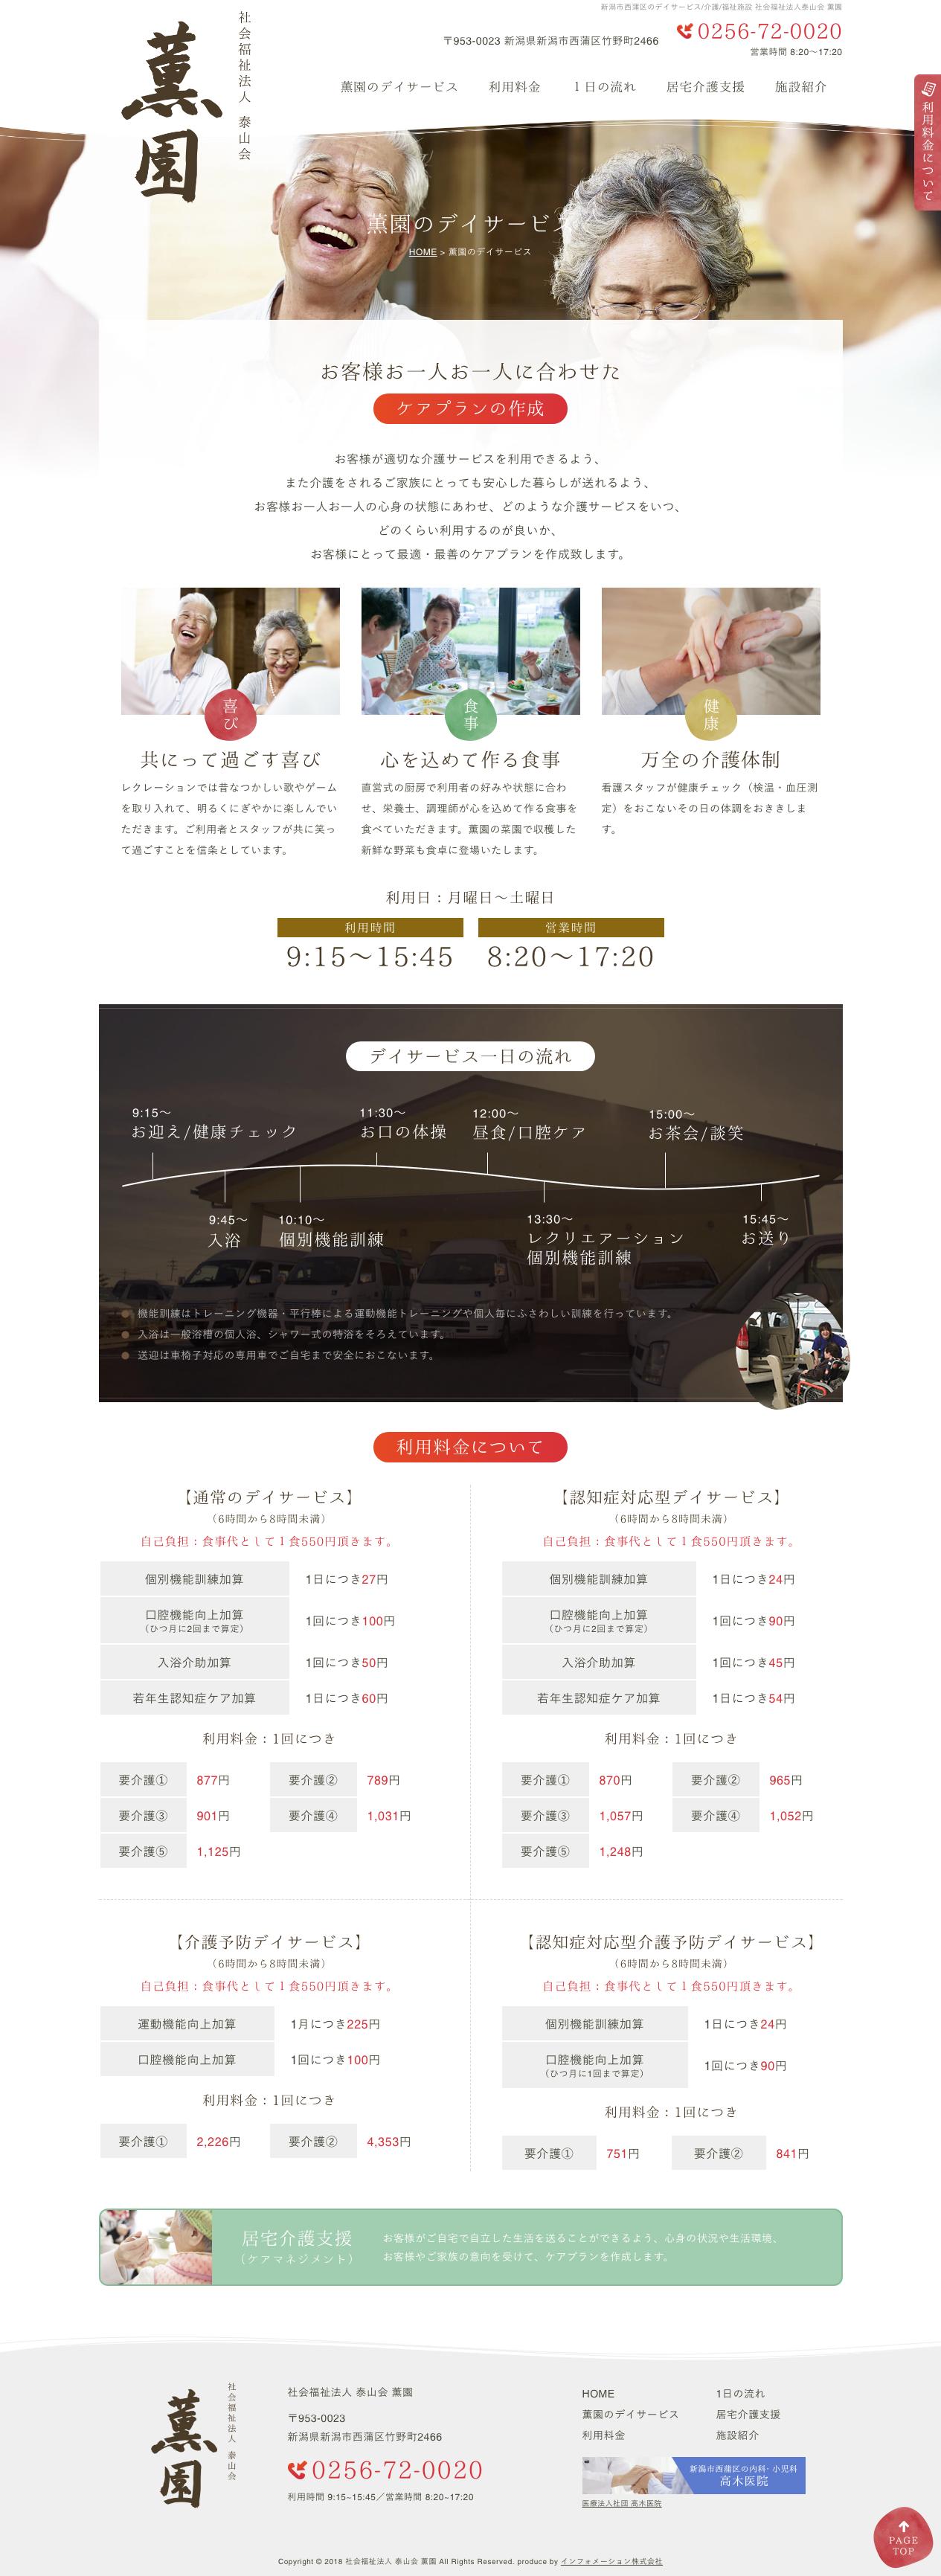 社会福祉法人泰山会 薫園 様のホームページ